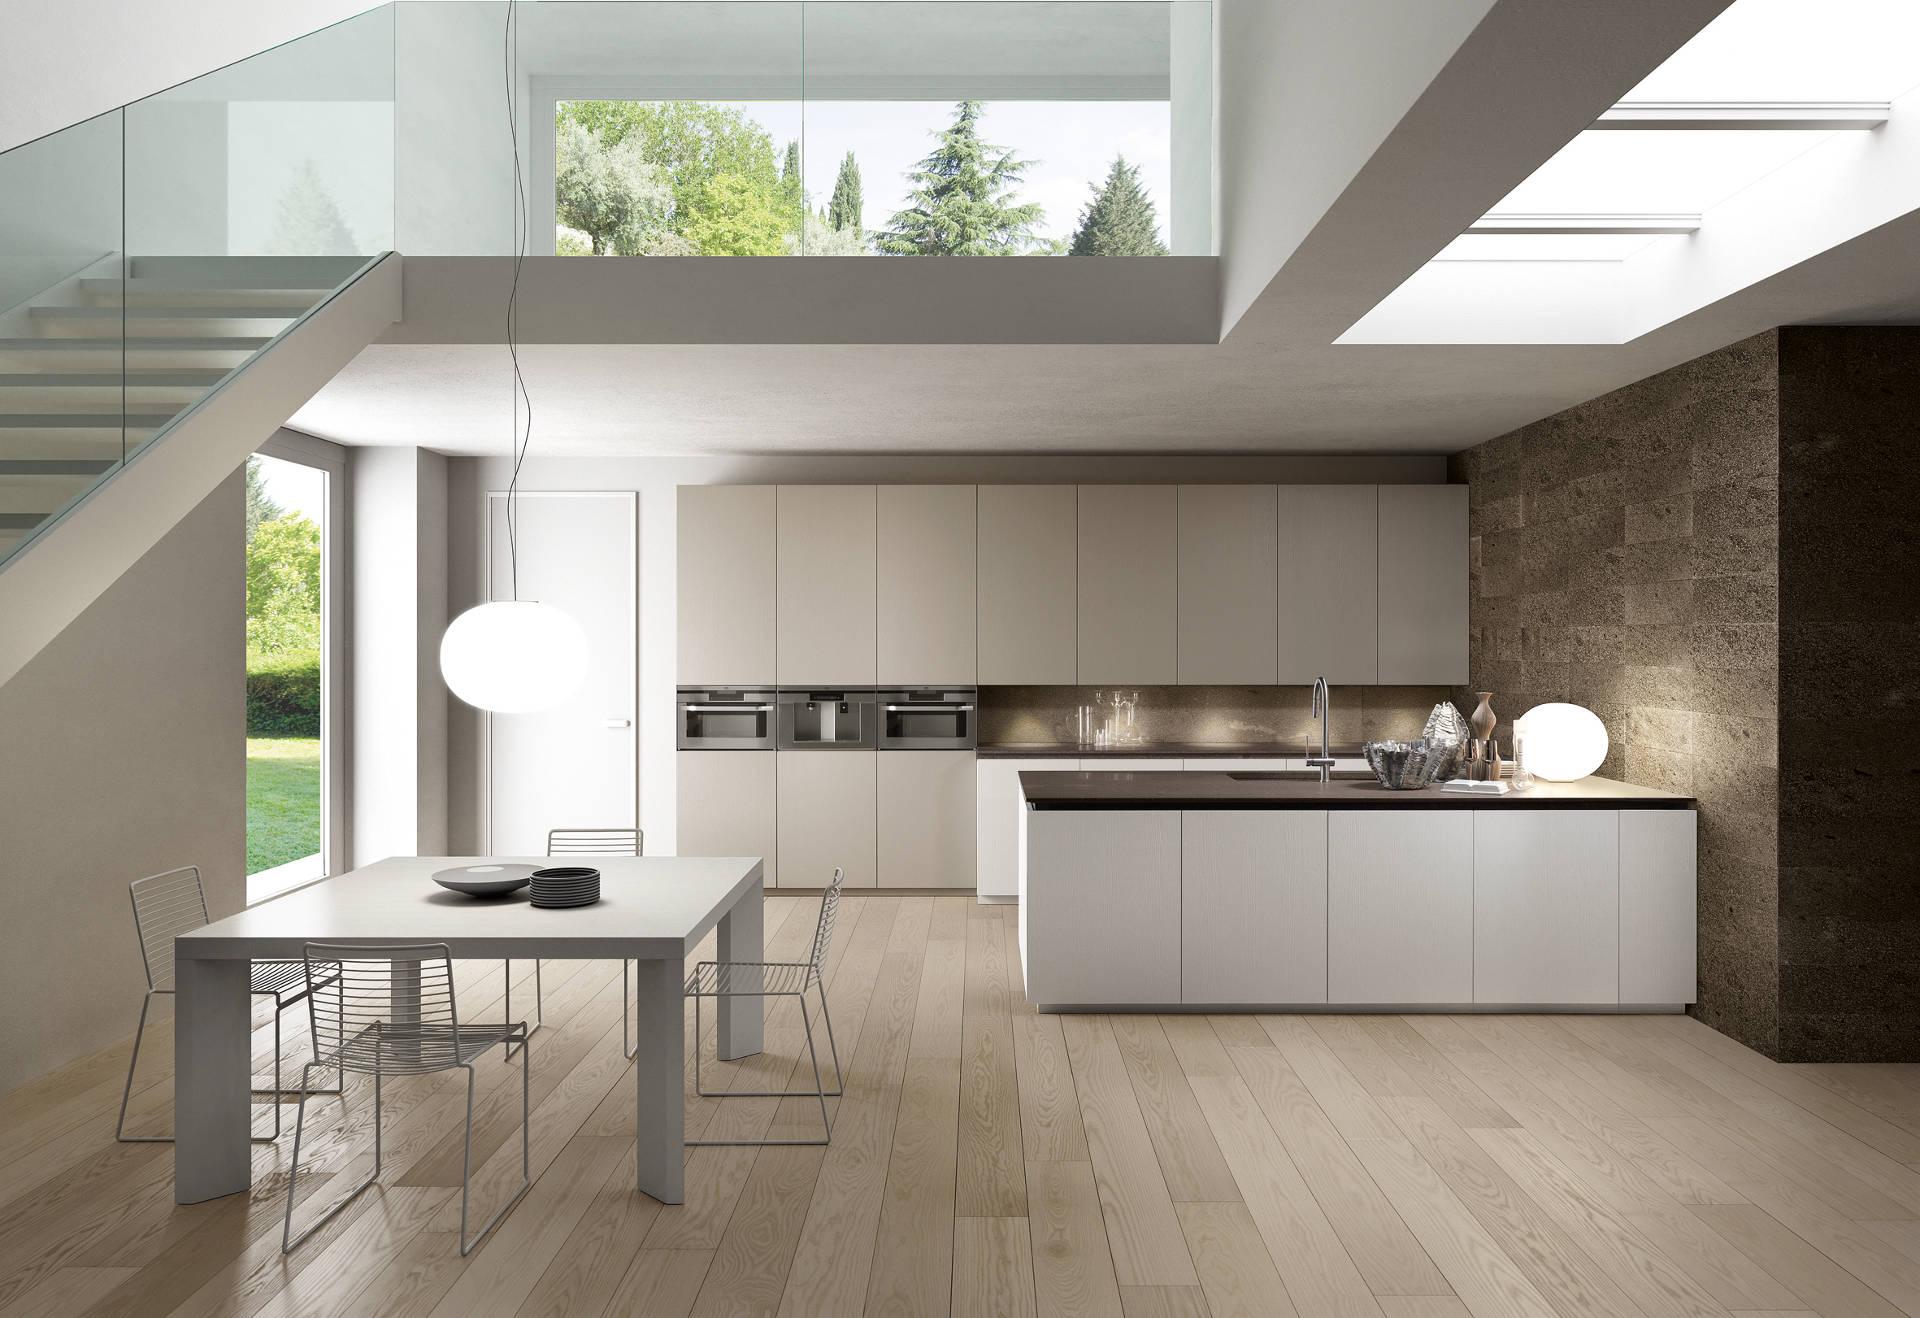 Offerte cucine moderne da esposizione elegant cucine for Offerte cucine moderne